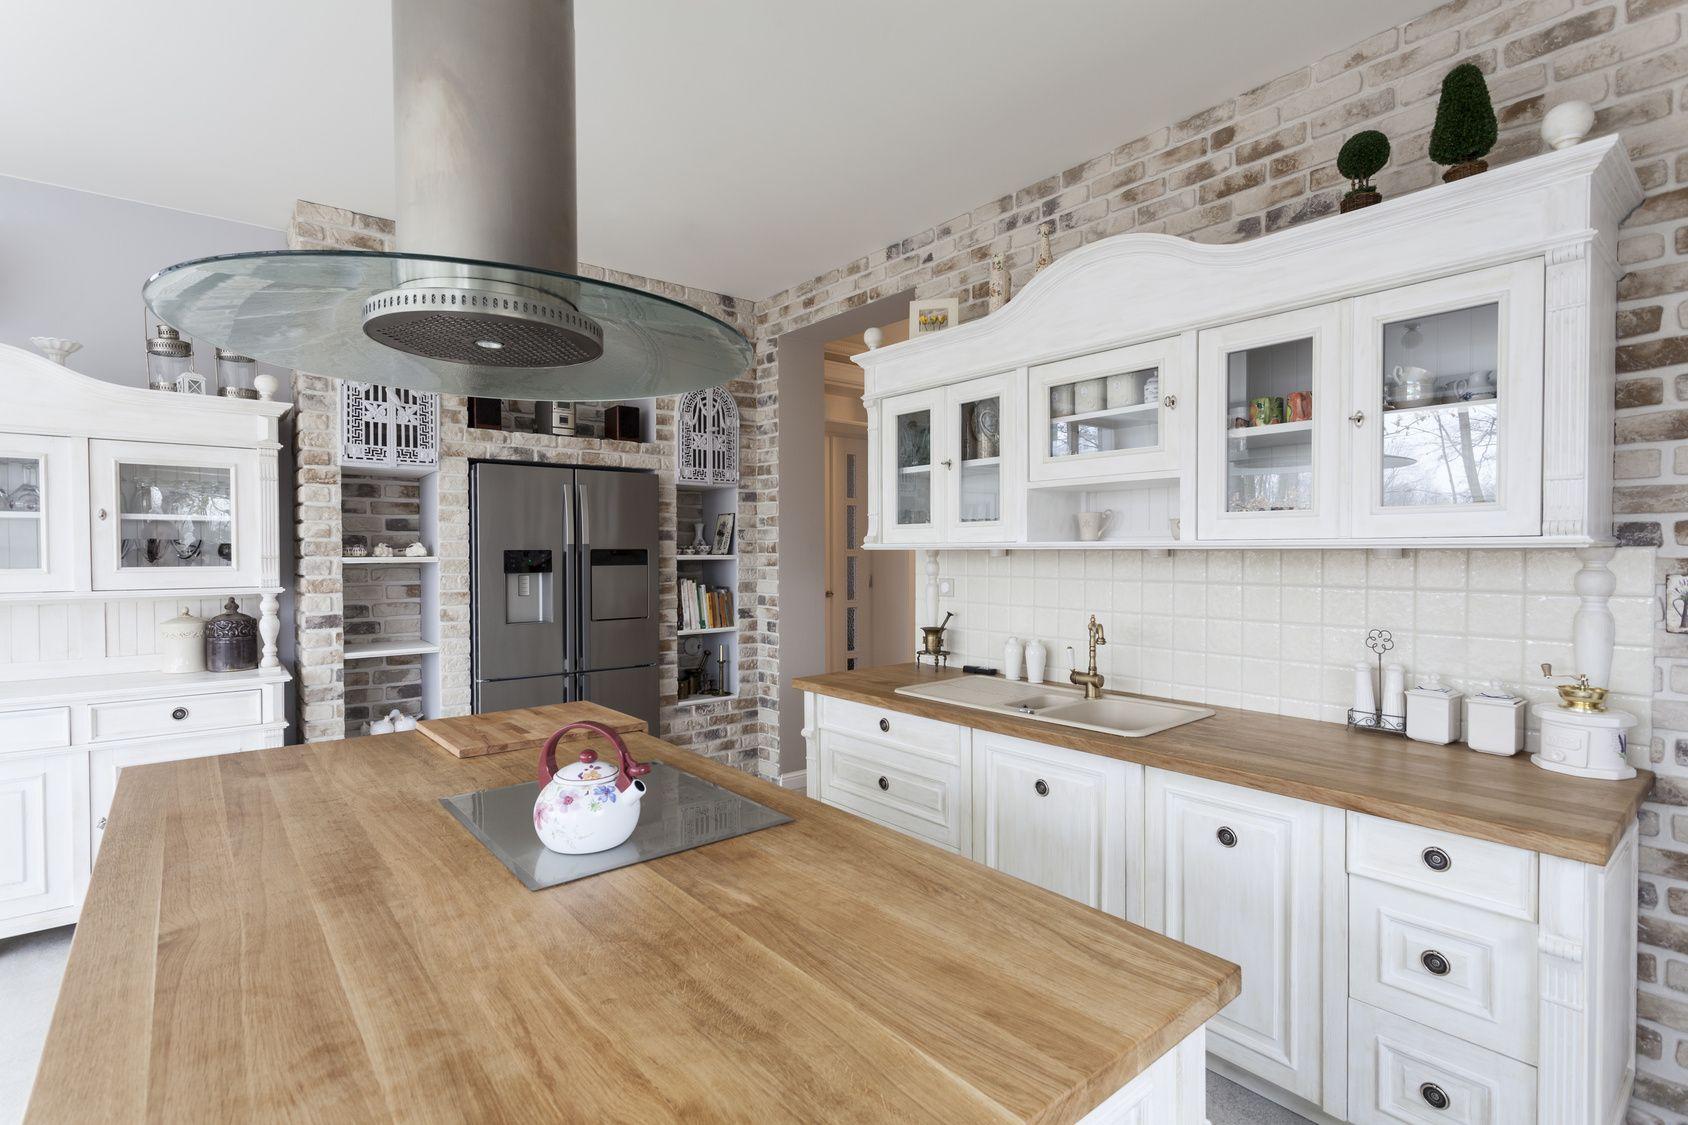 Moderne Landhausstilküche mit großzügiger Kücheninsel | Landhaus ...